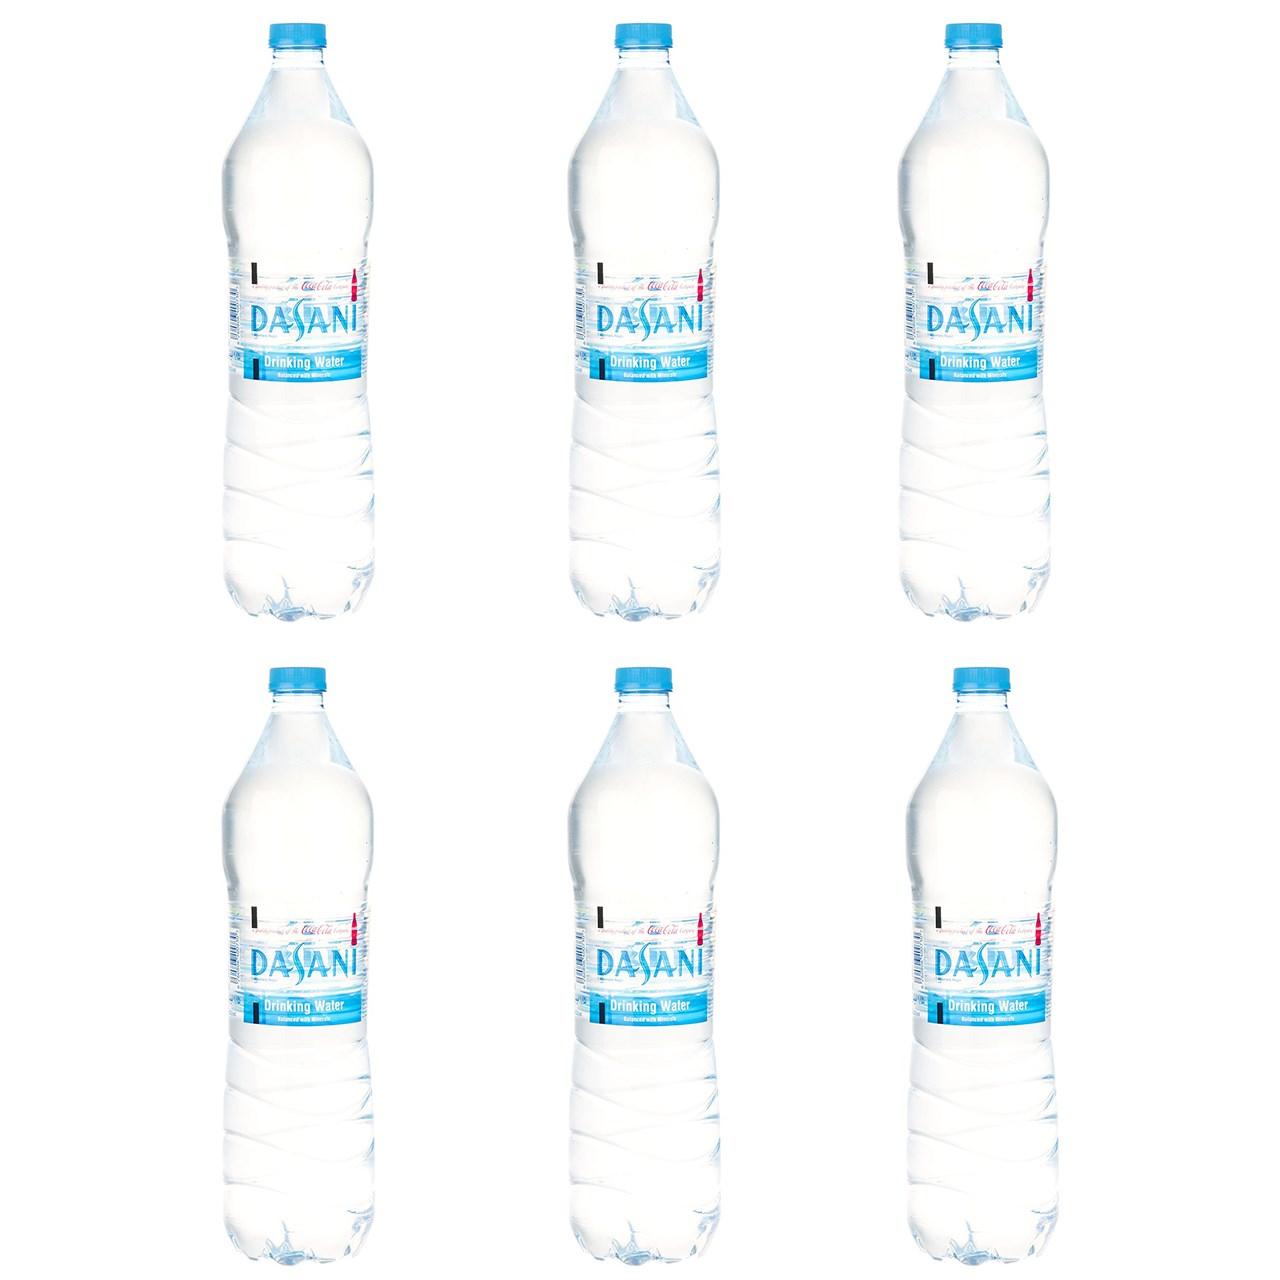 آب آشامیدنی دسانی مقدار 1.5 لیتر بسته 6 عددی